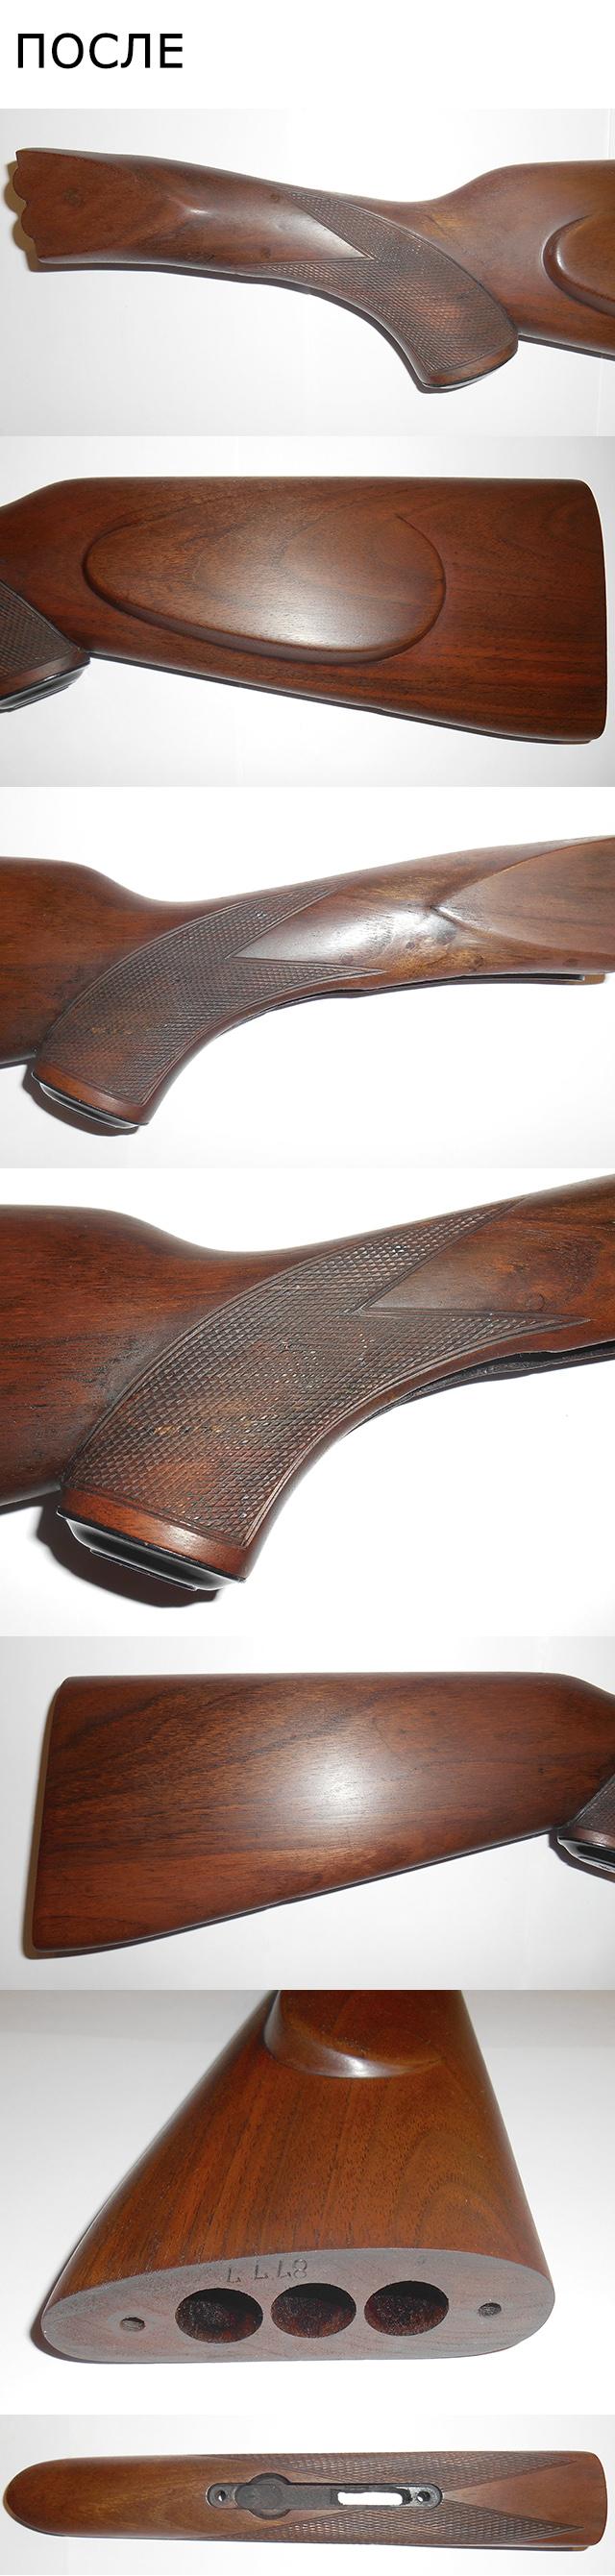 Приклад и цевье ружья Simson после реставрации